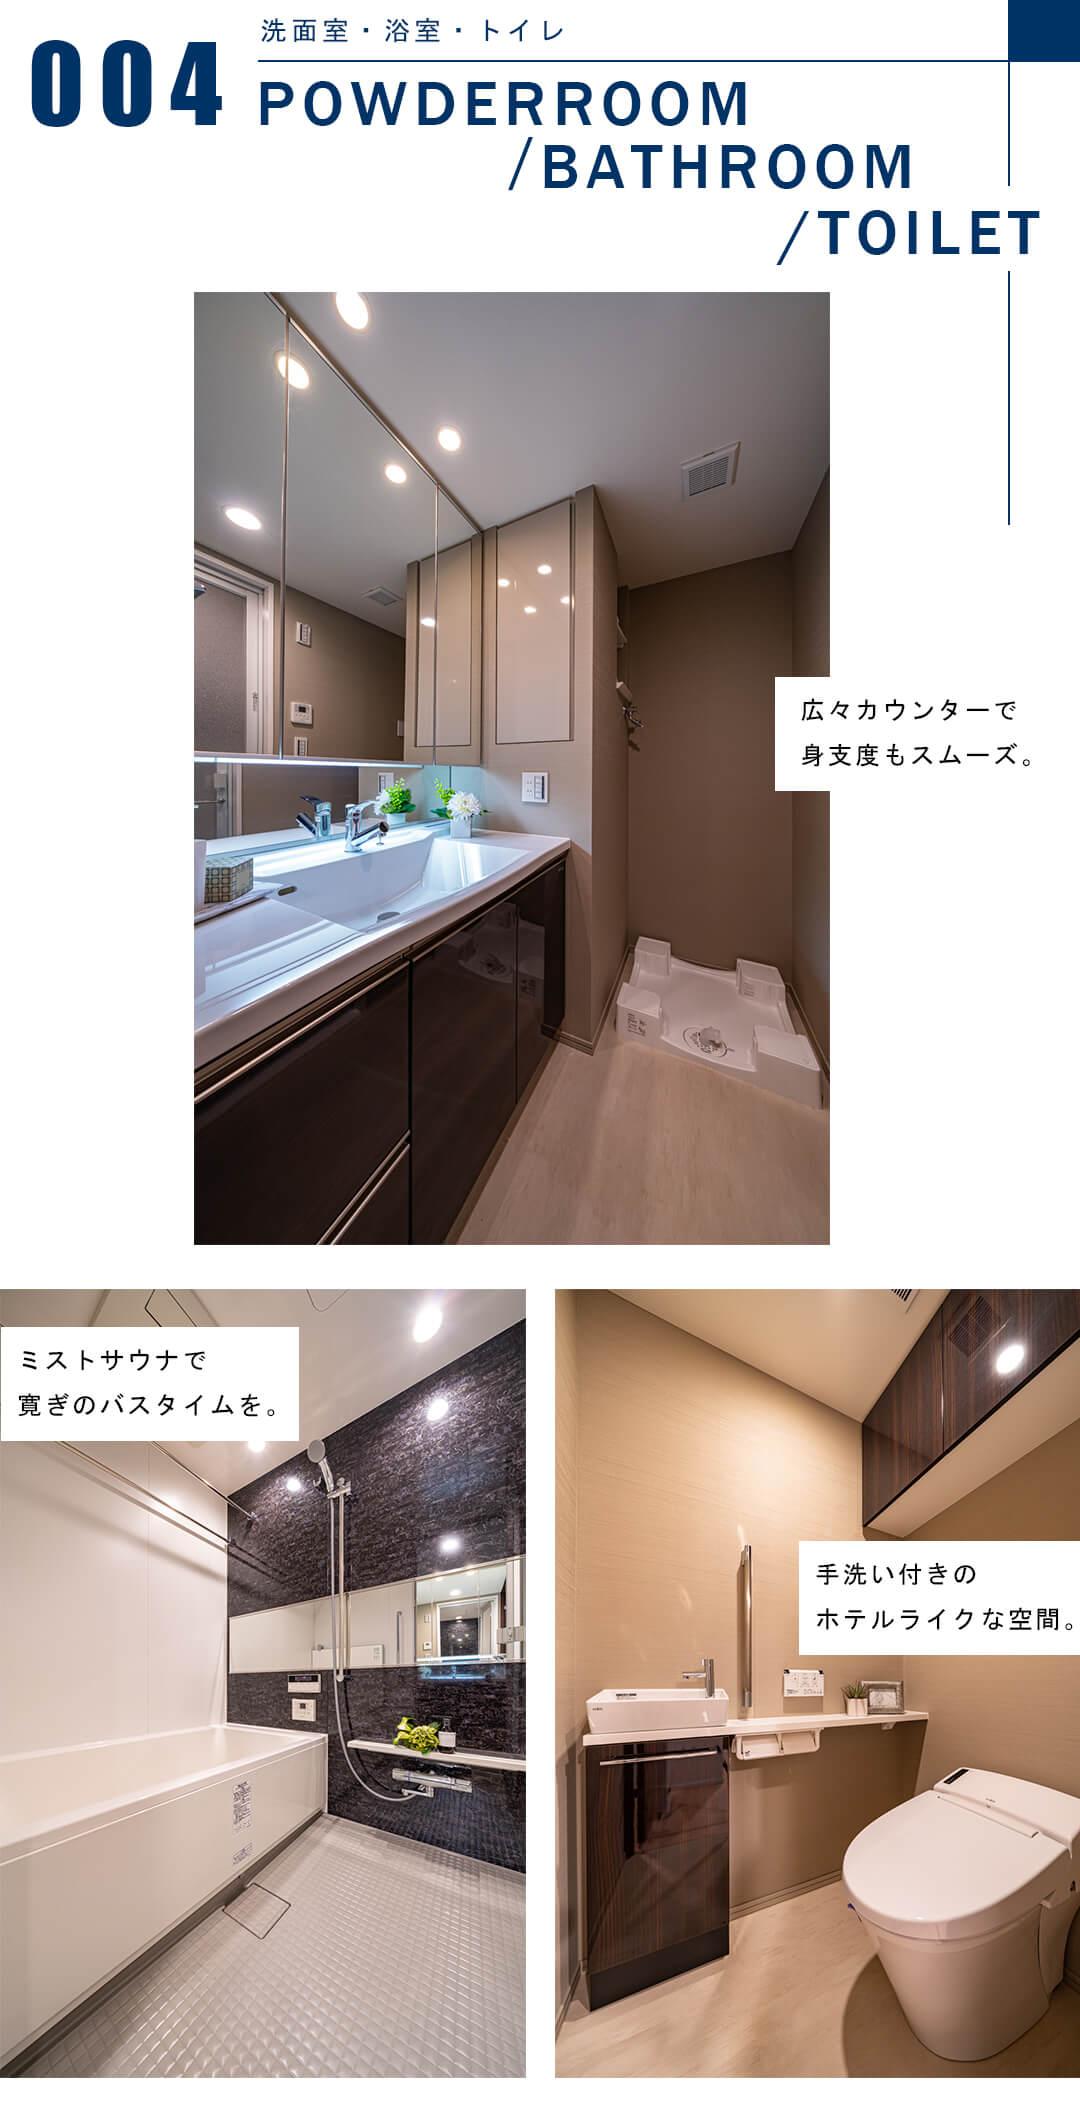 シティタワーズ東京ベイセントラルタワーの洗面室と浴室とトイレ